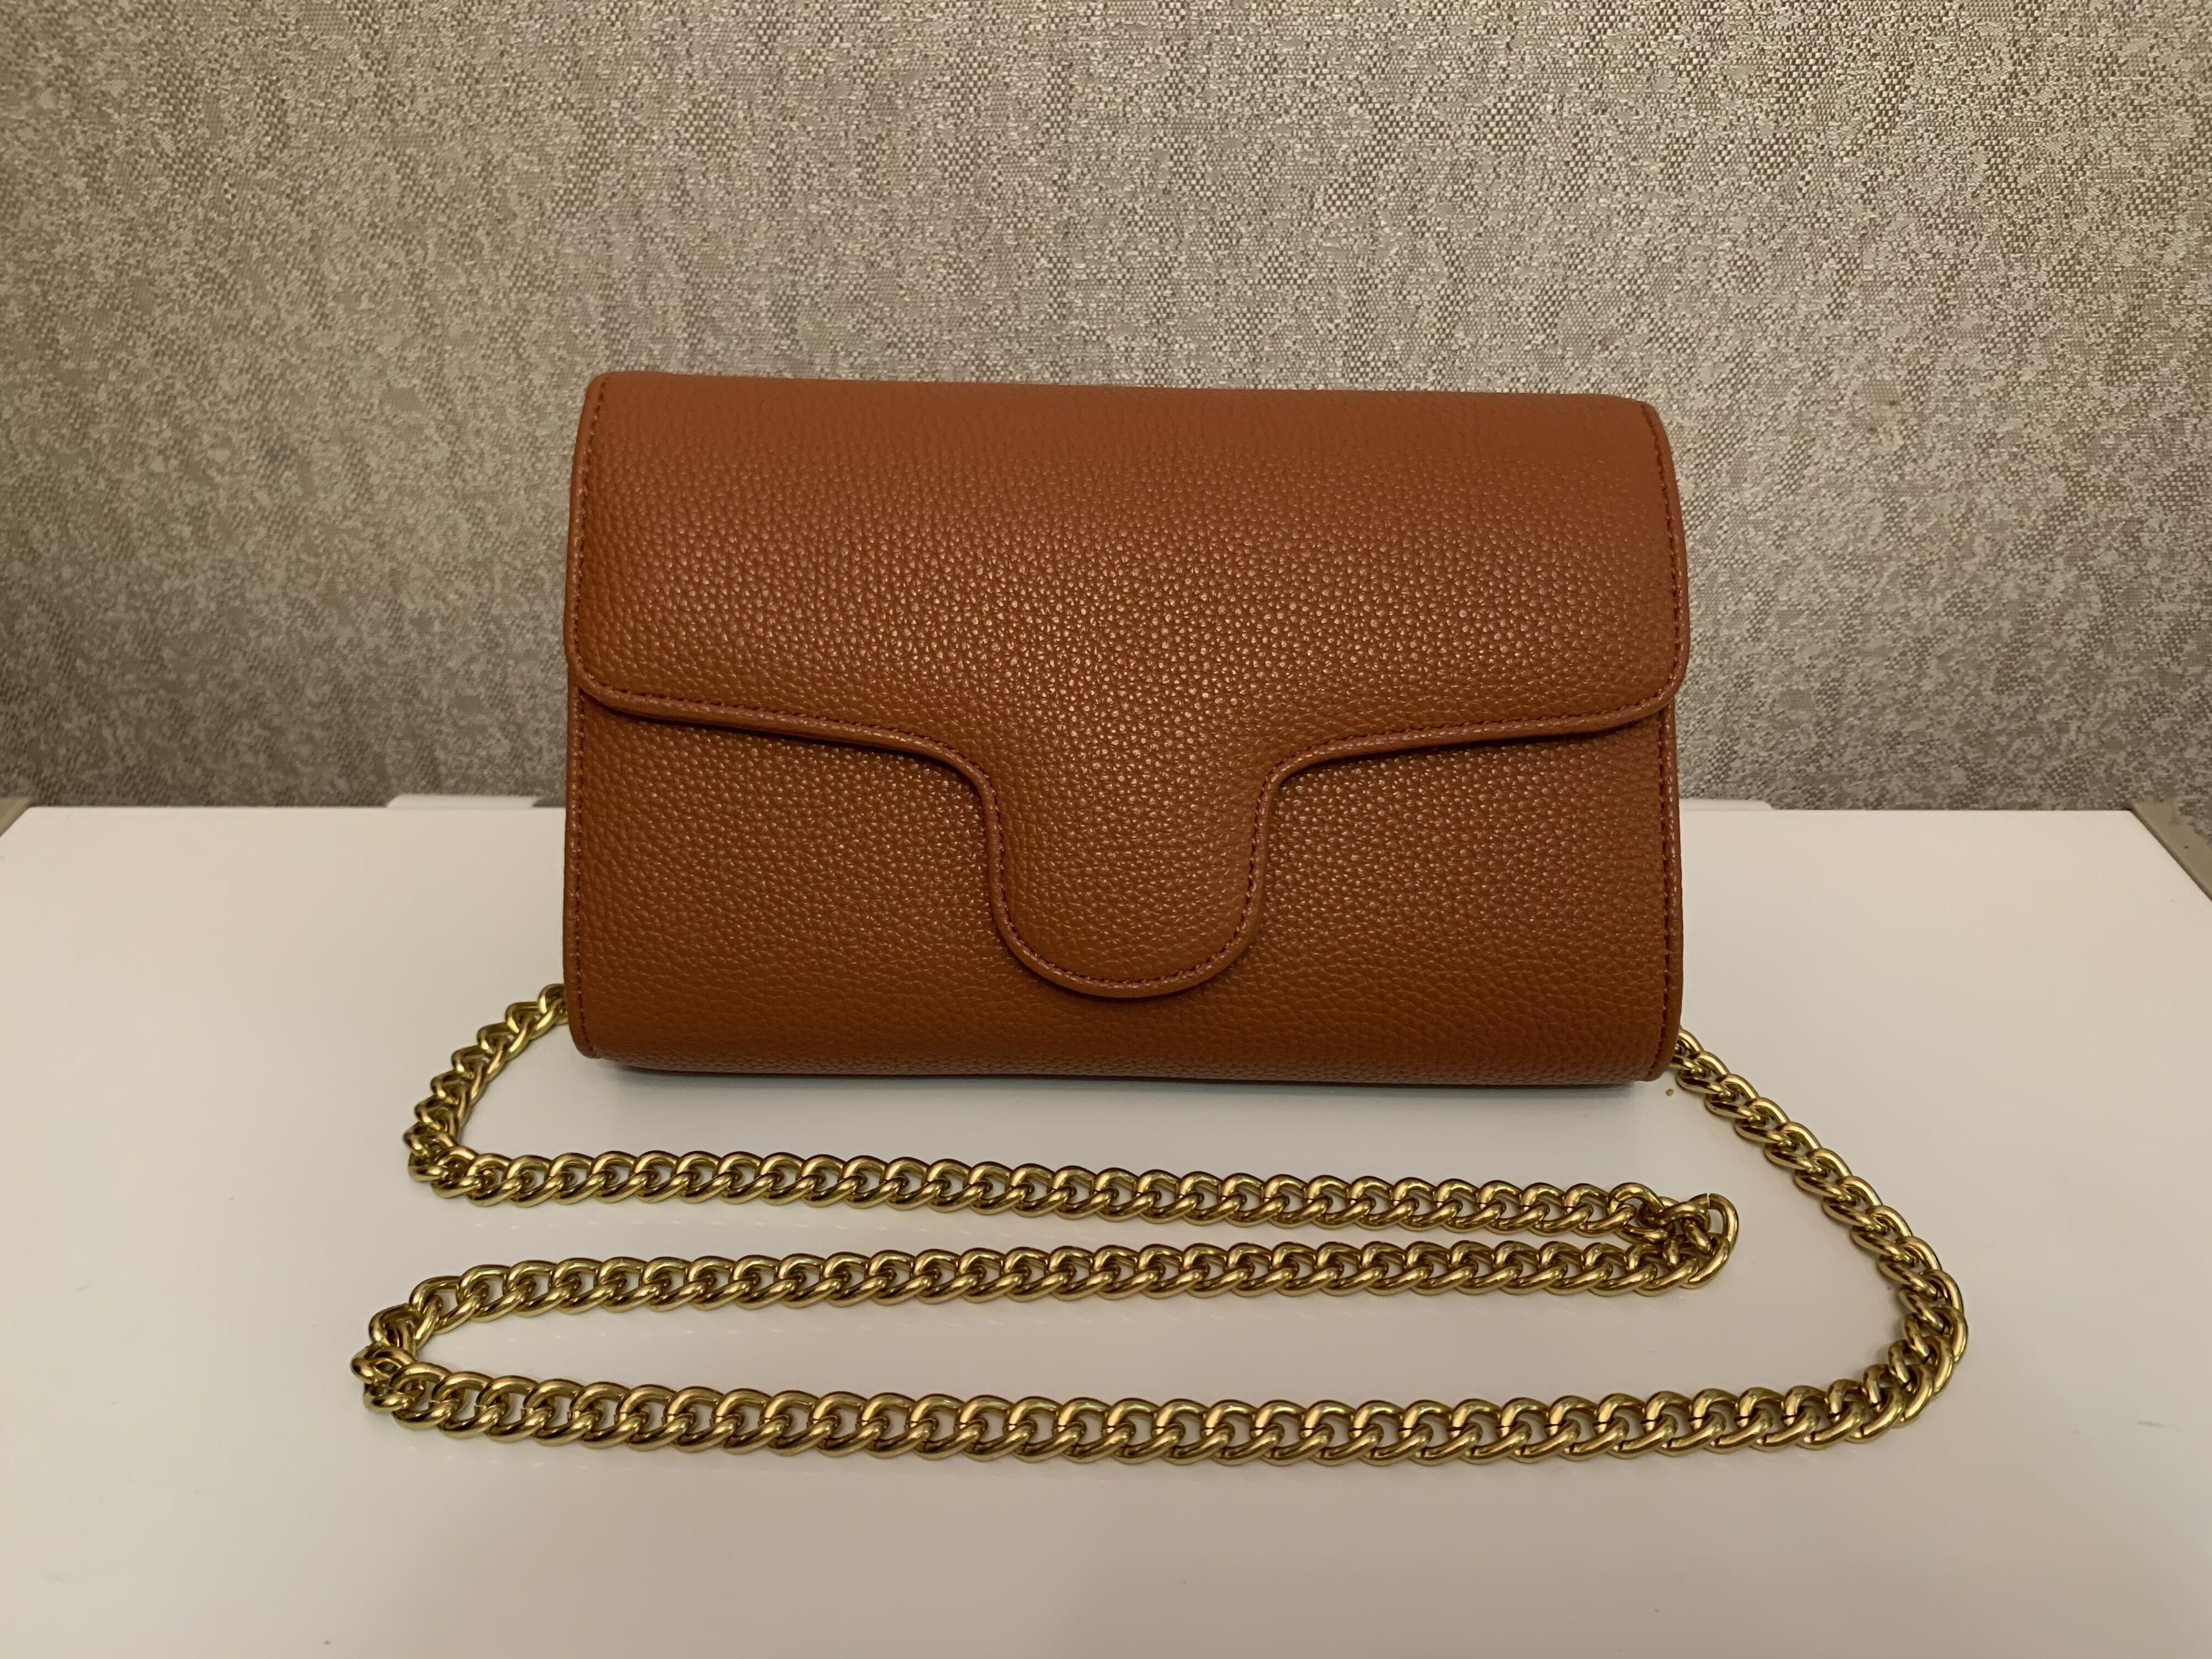 2021 Новые сумки женские кожаные кожаные цепи вечерняя сумка роскоши дизайнеры сумочка для женских сумки мода мешок сумка сумка